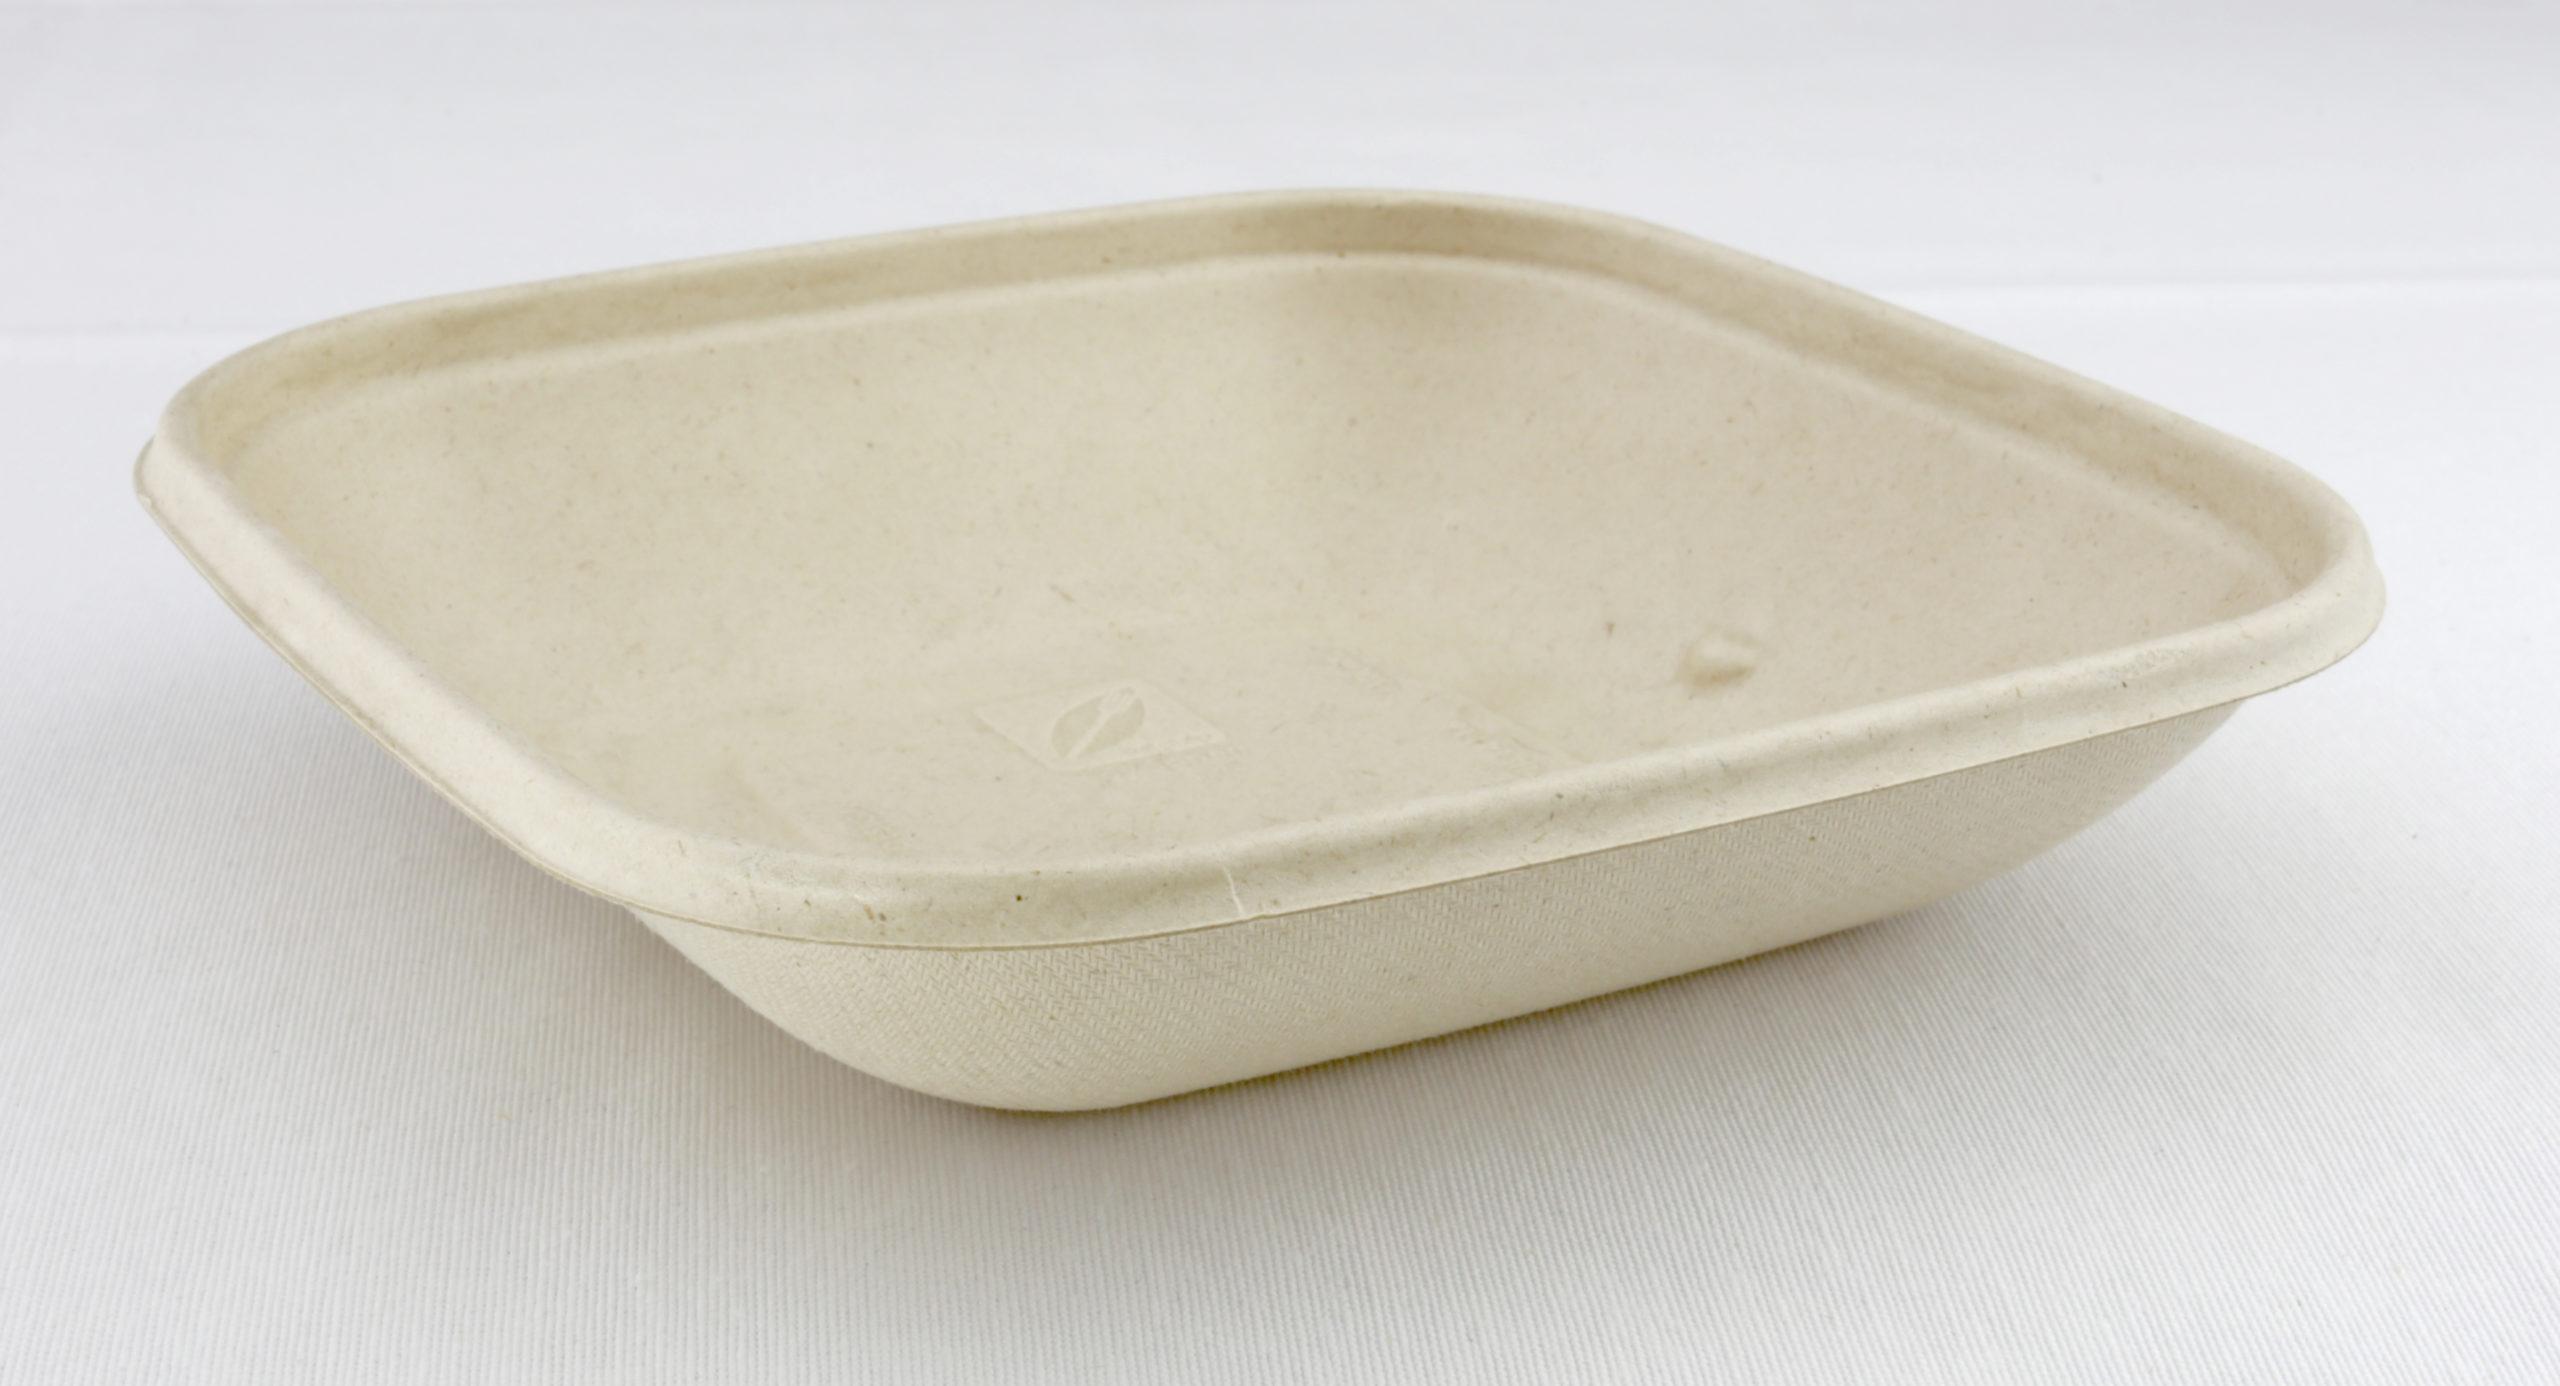 Vierkante saladebowl ongebleekt suikerriet 500 ml